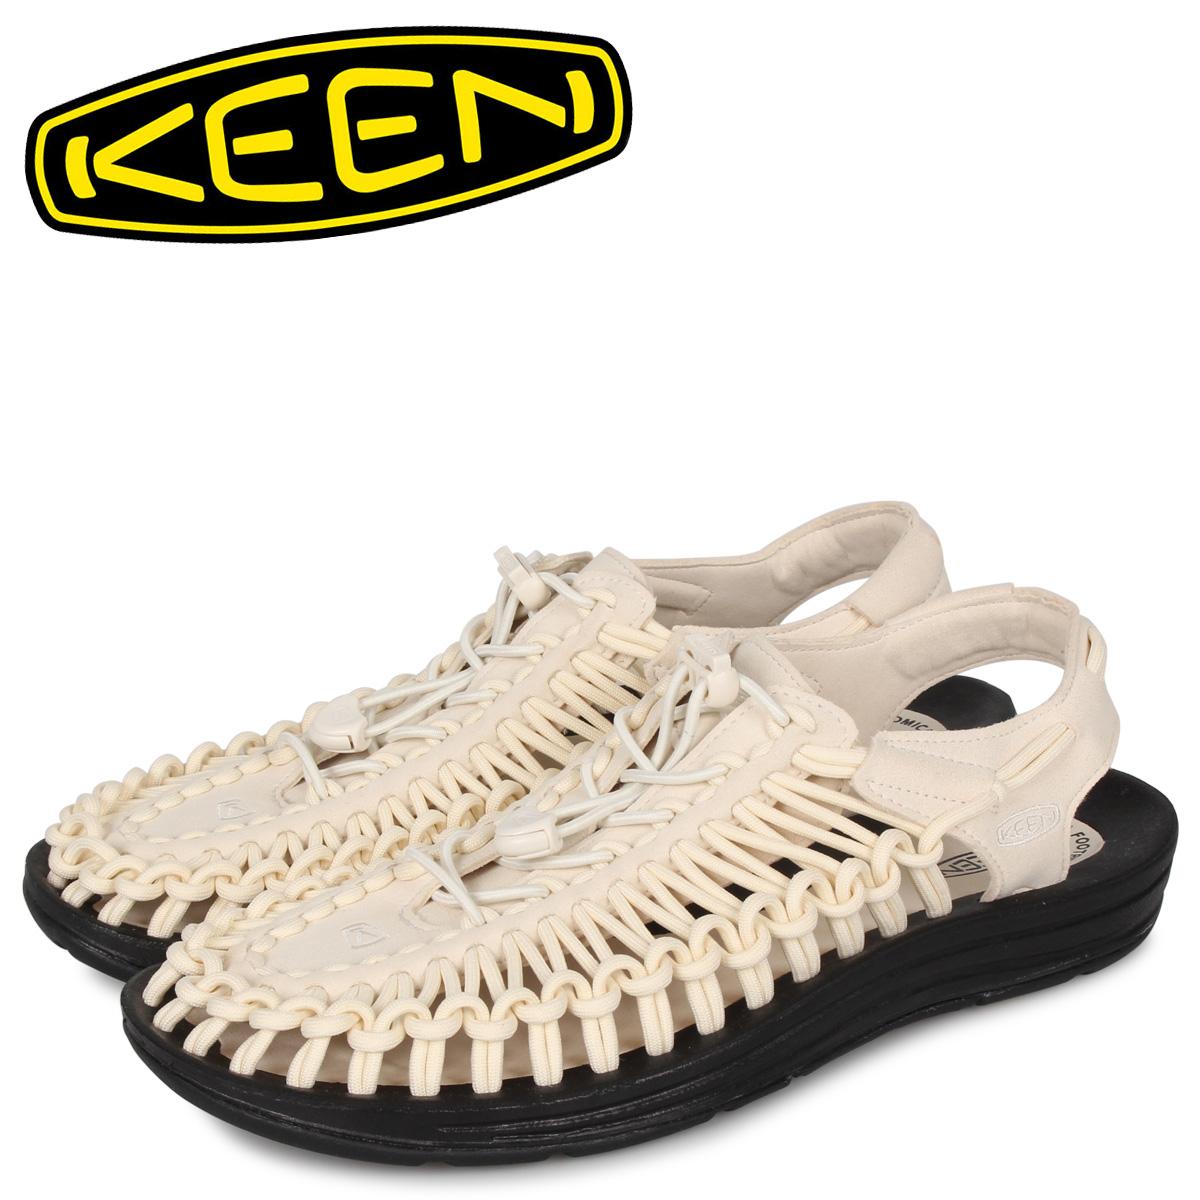 KEEN キーン ユニーク サンダル スポーツサンダル メンズ UNEEK ホワイト 白 1023045